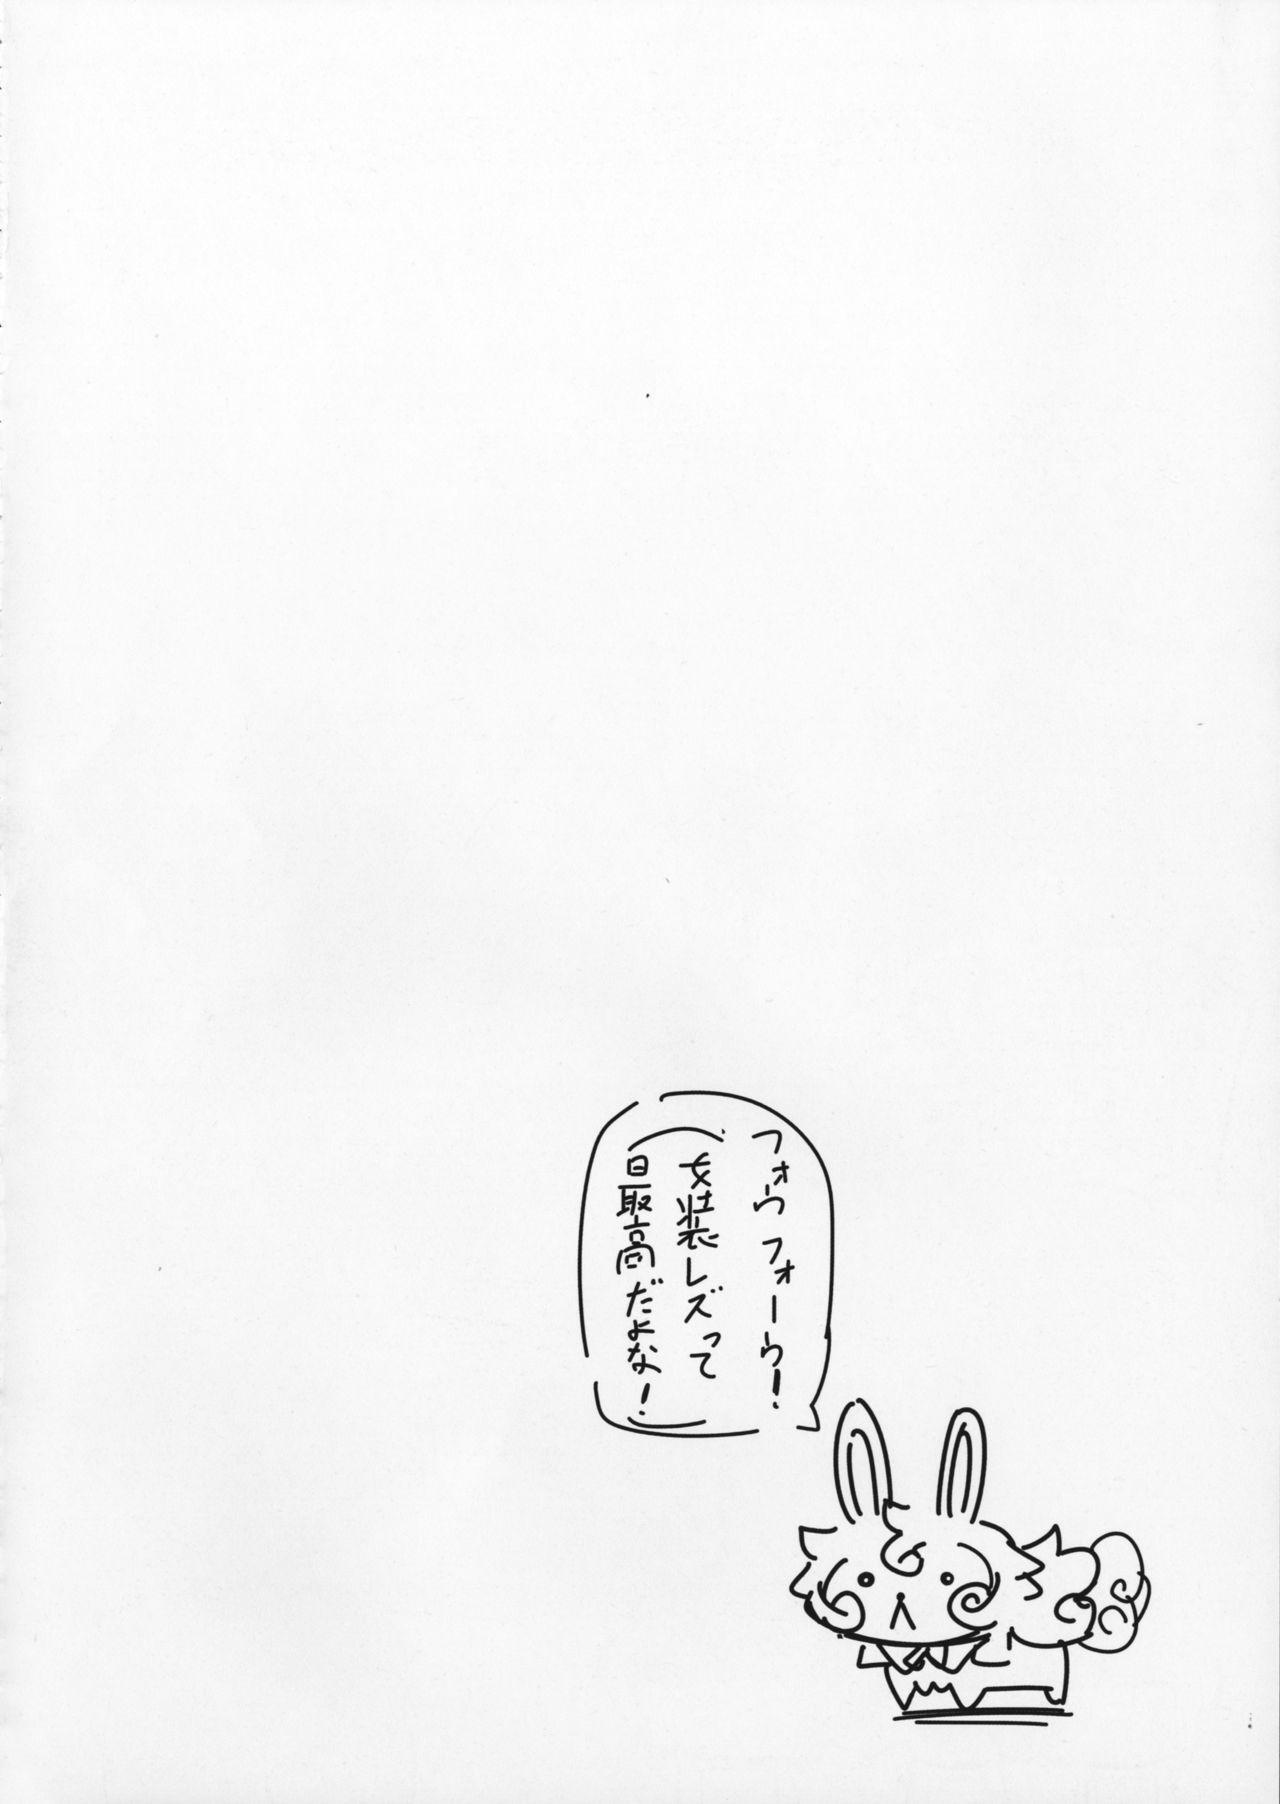 Shuten to Raikou no Yukemuri Daisakusen 18